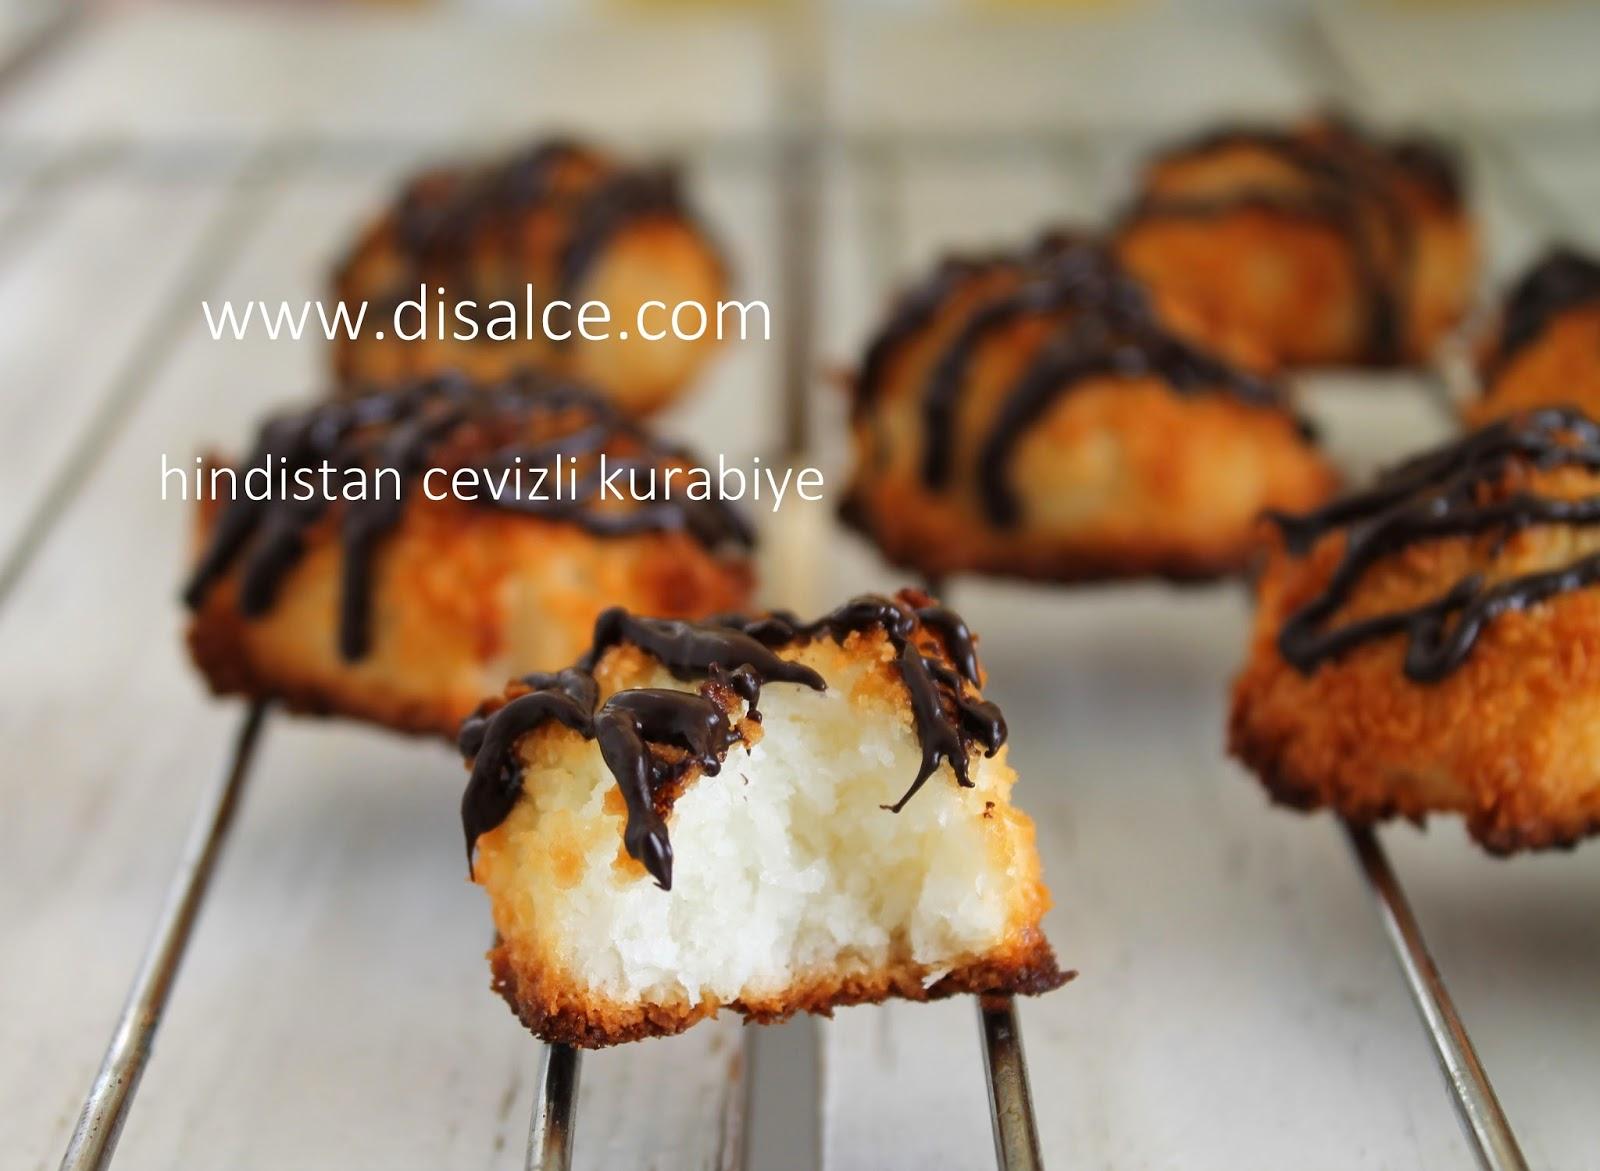 hindistan cevizi kurabiyesi